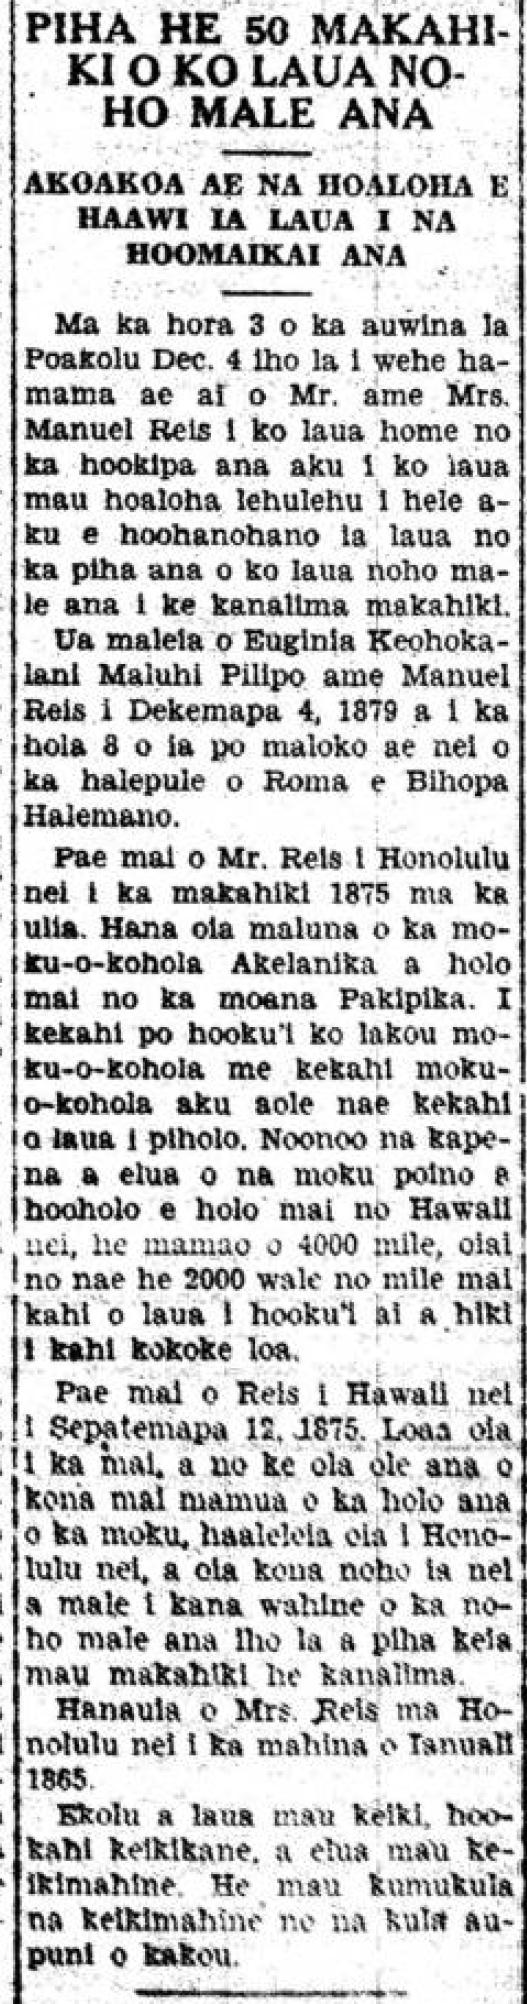 AlakaioHawaii_12_12_1929_1.png